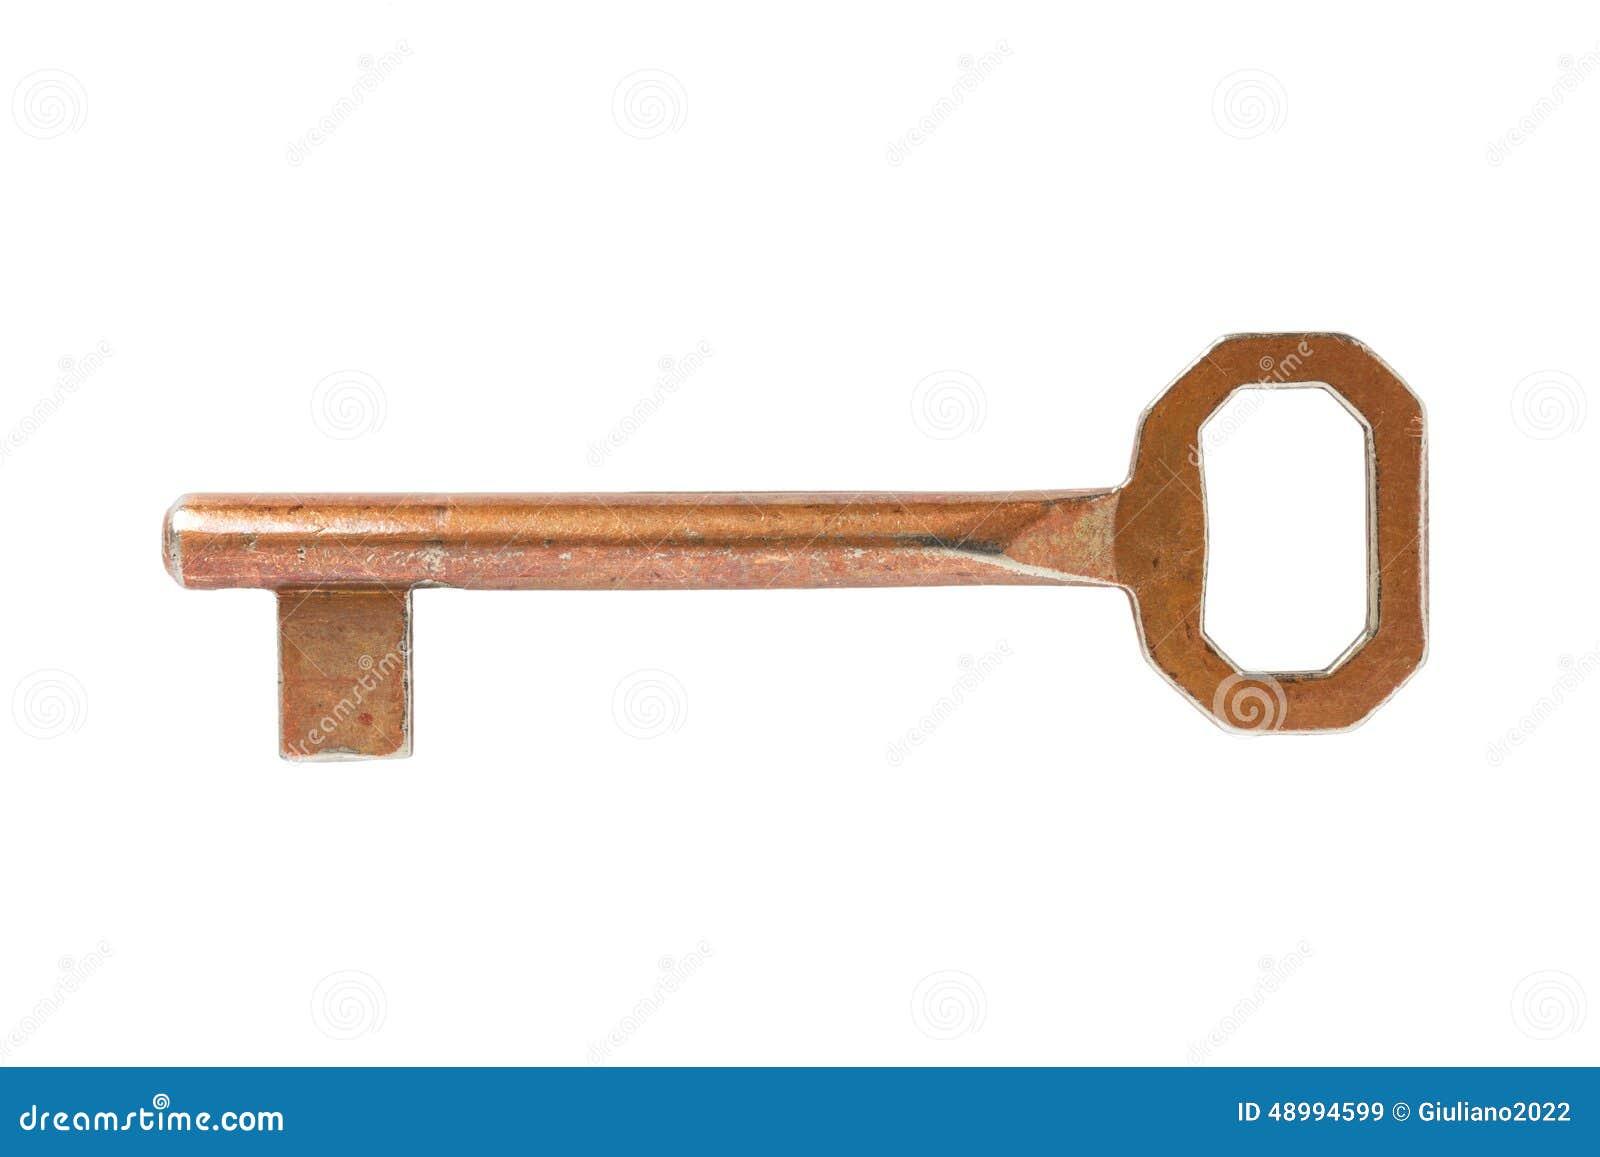 Used key